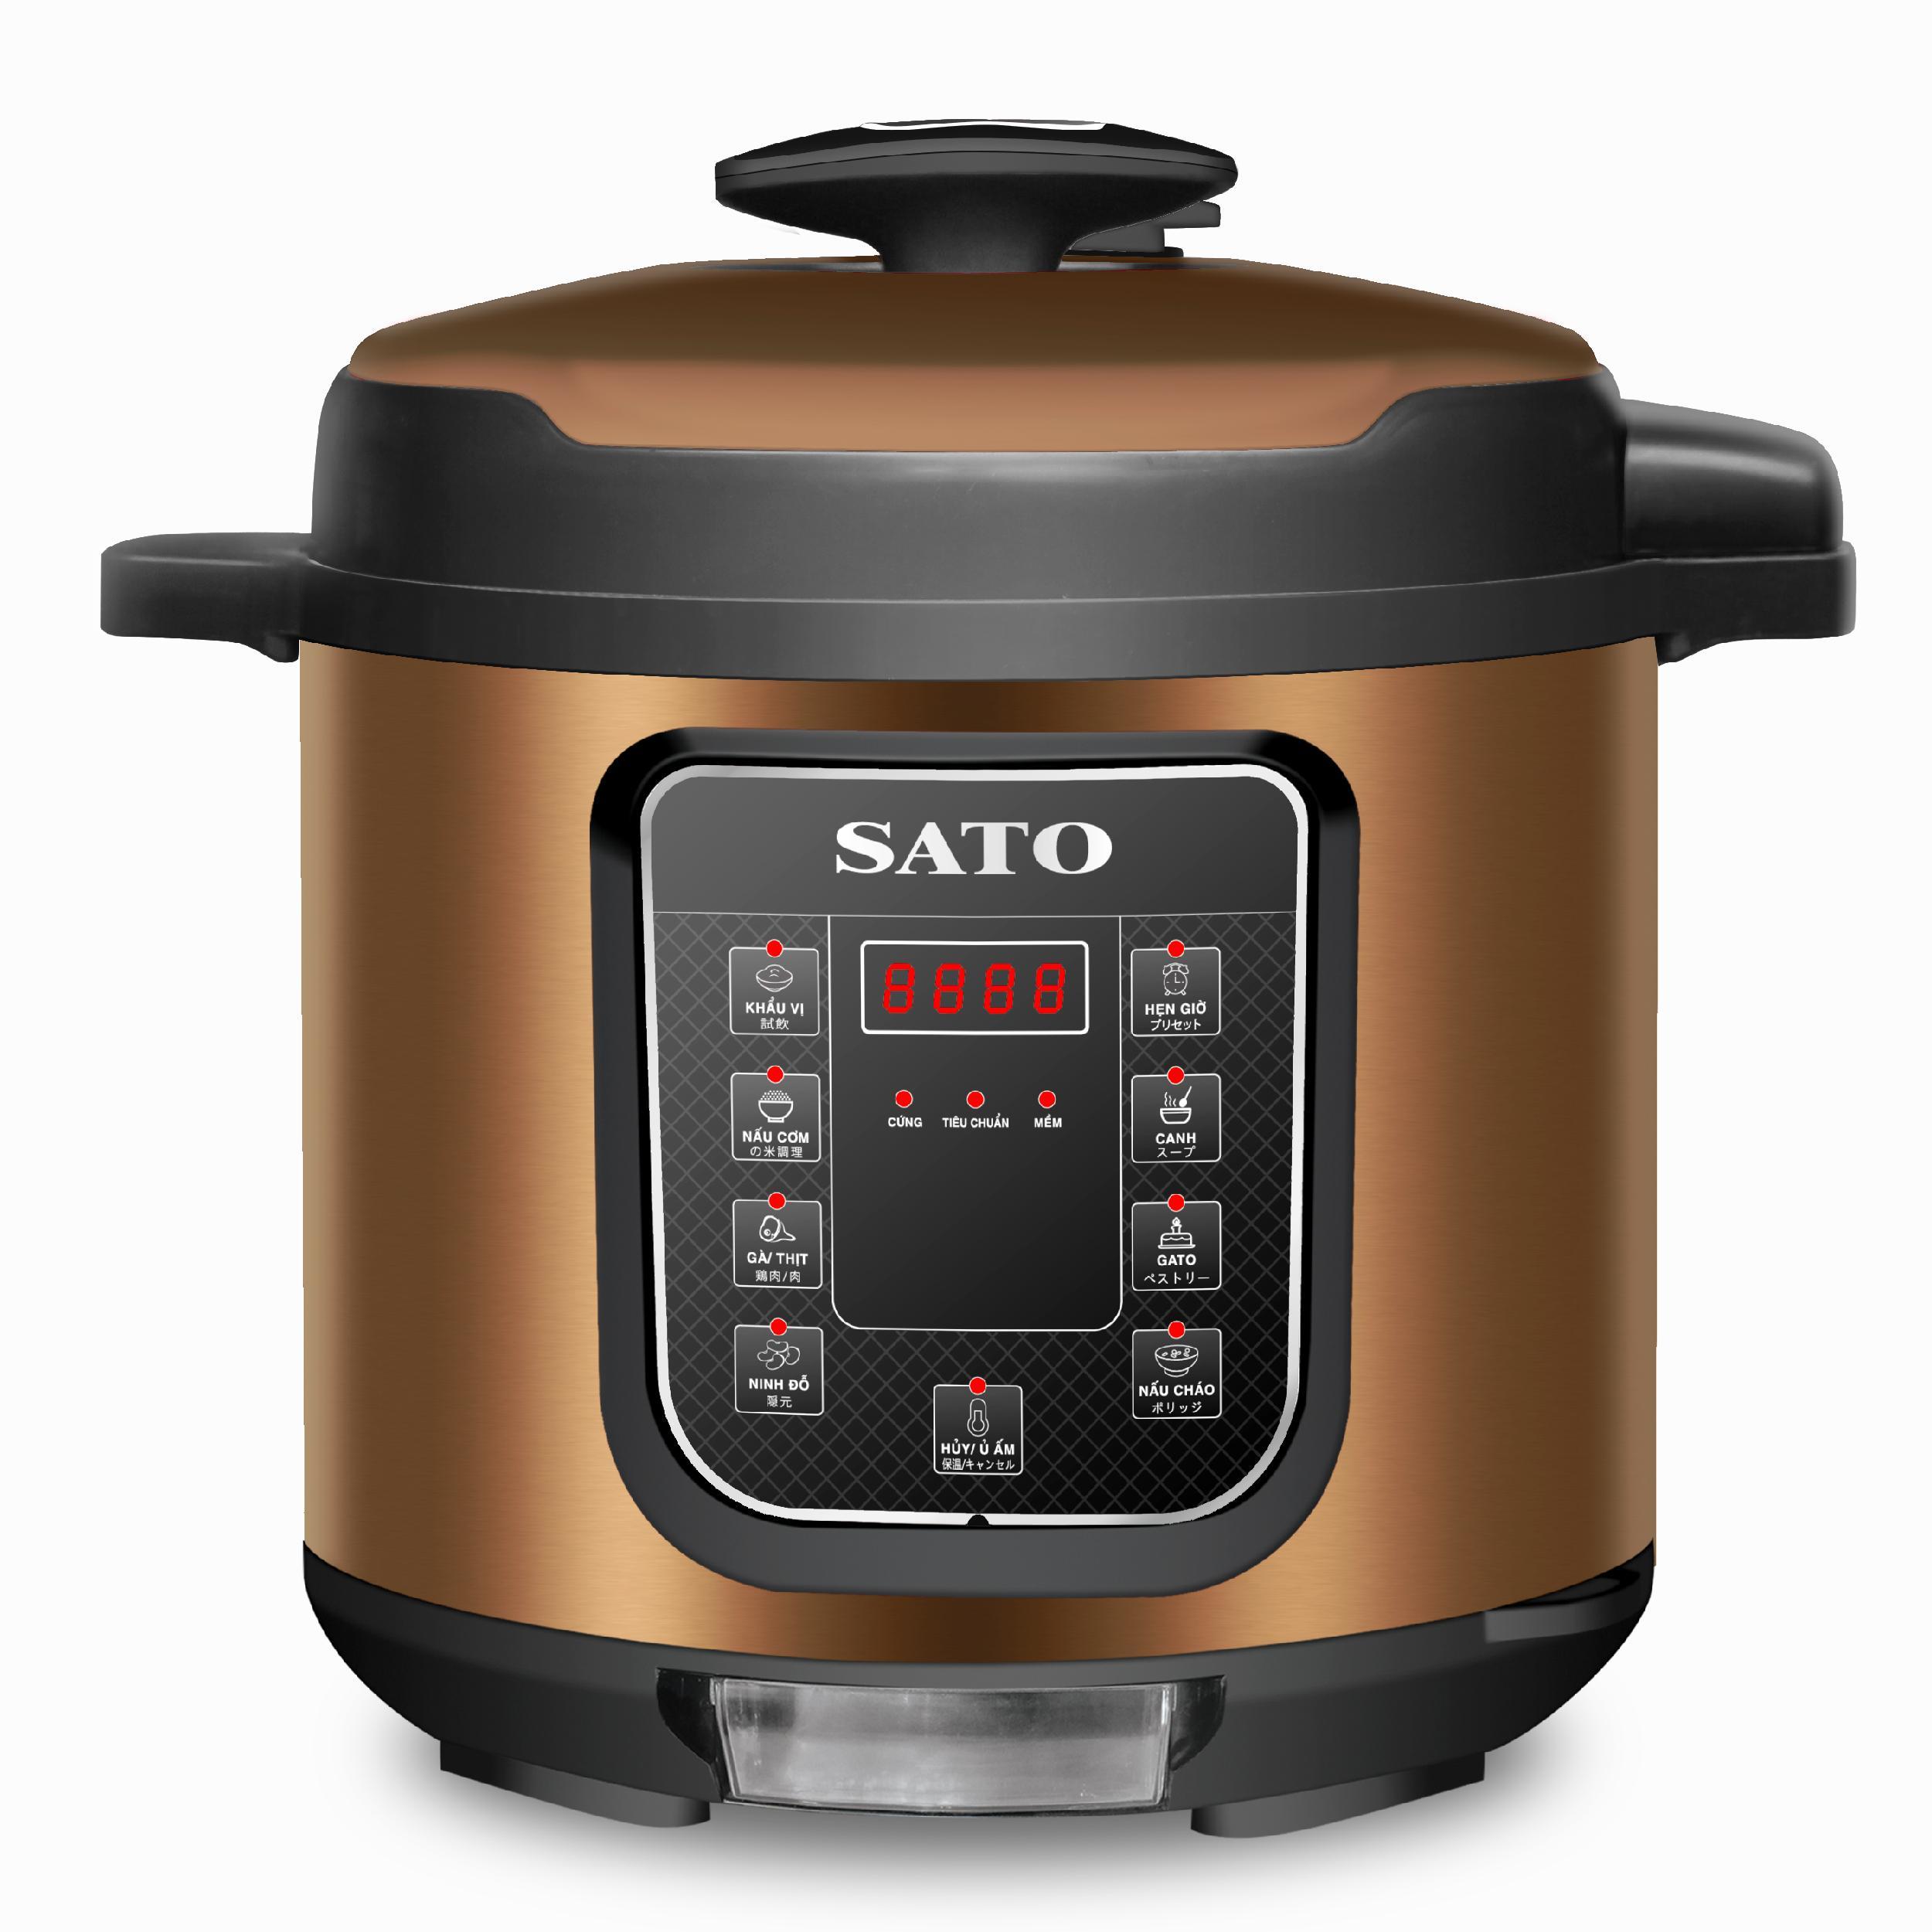 Nồi áp suất điện tử đa năng SATO ST-615PC (D) (Màu nâu)